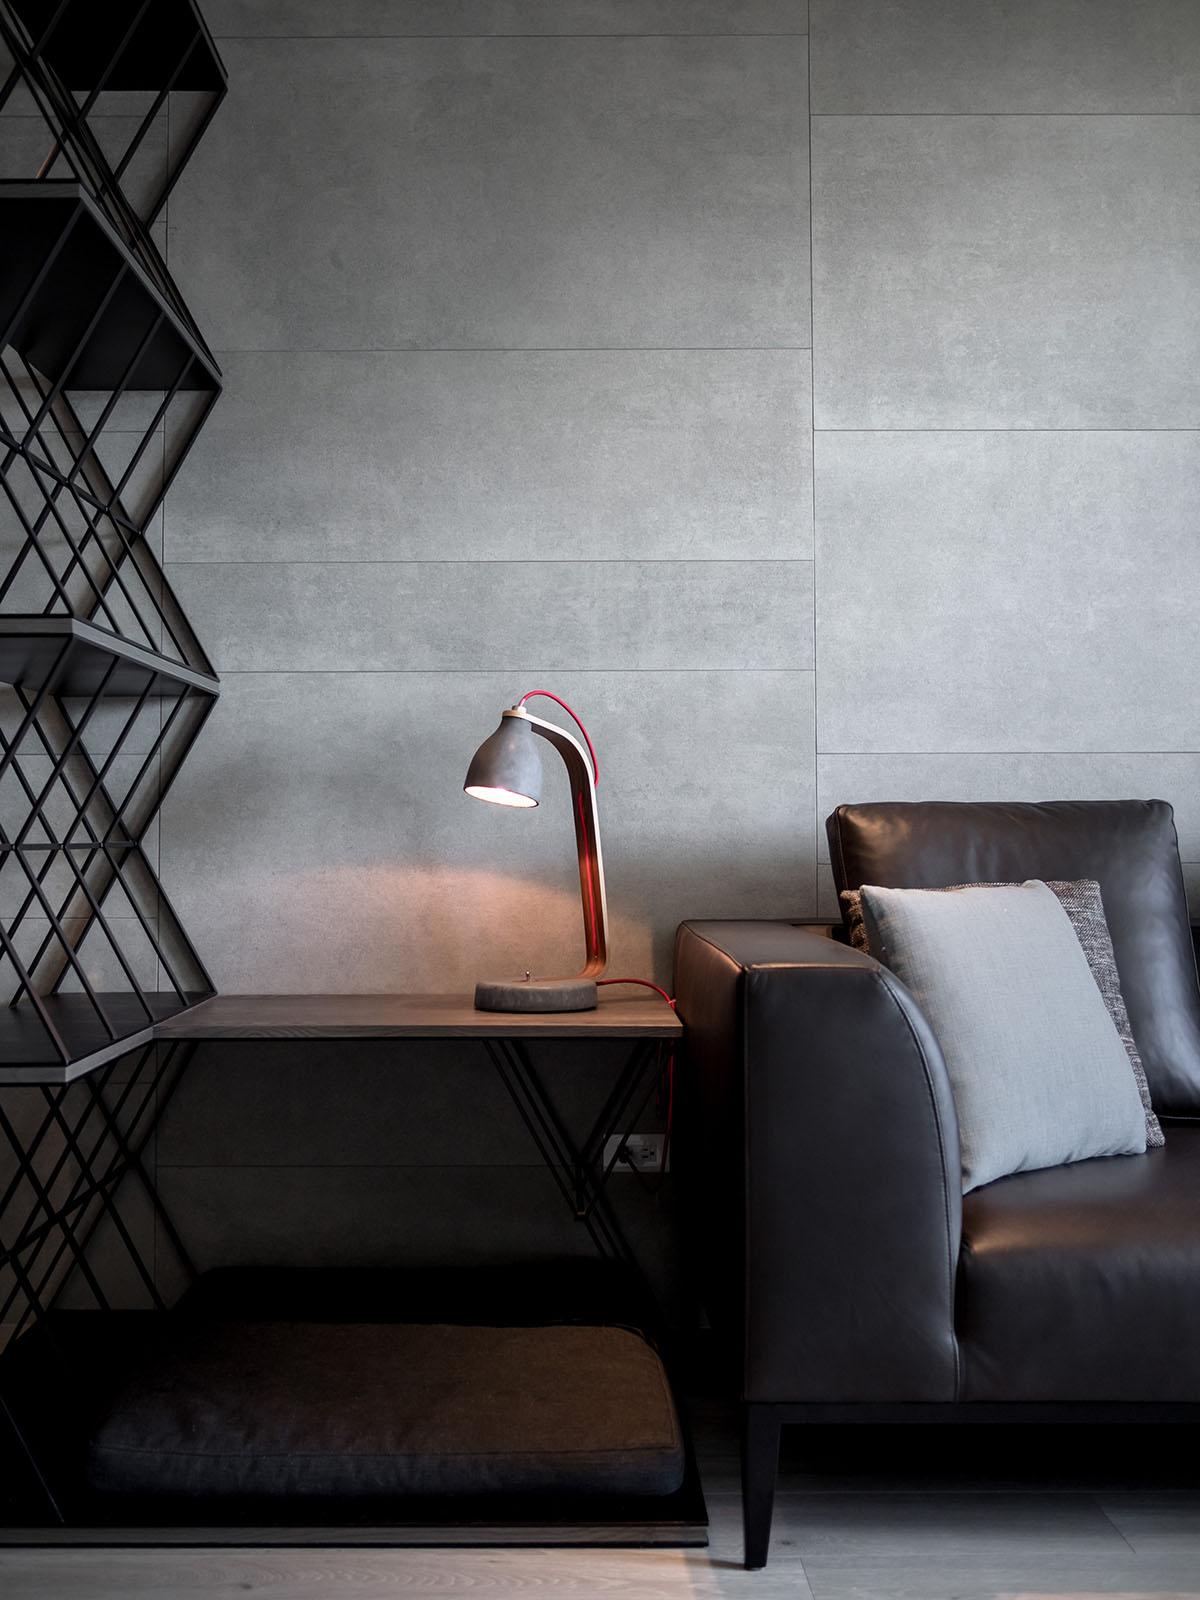 LGCA DESIGN, Lin Residence, серые станы в квартире фото, большие жалюзи на окнах фото, интерьер минимализм фото, квартиры в Тайване, обзор квартиры